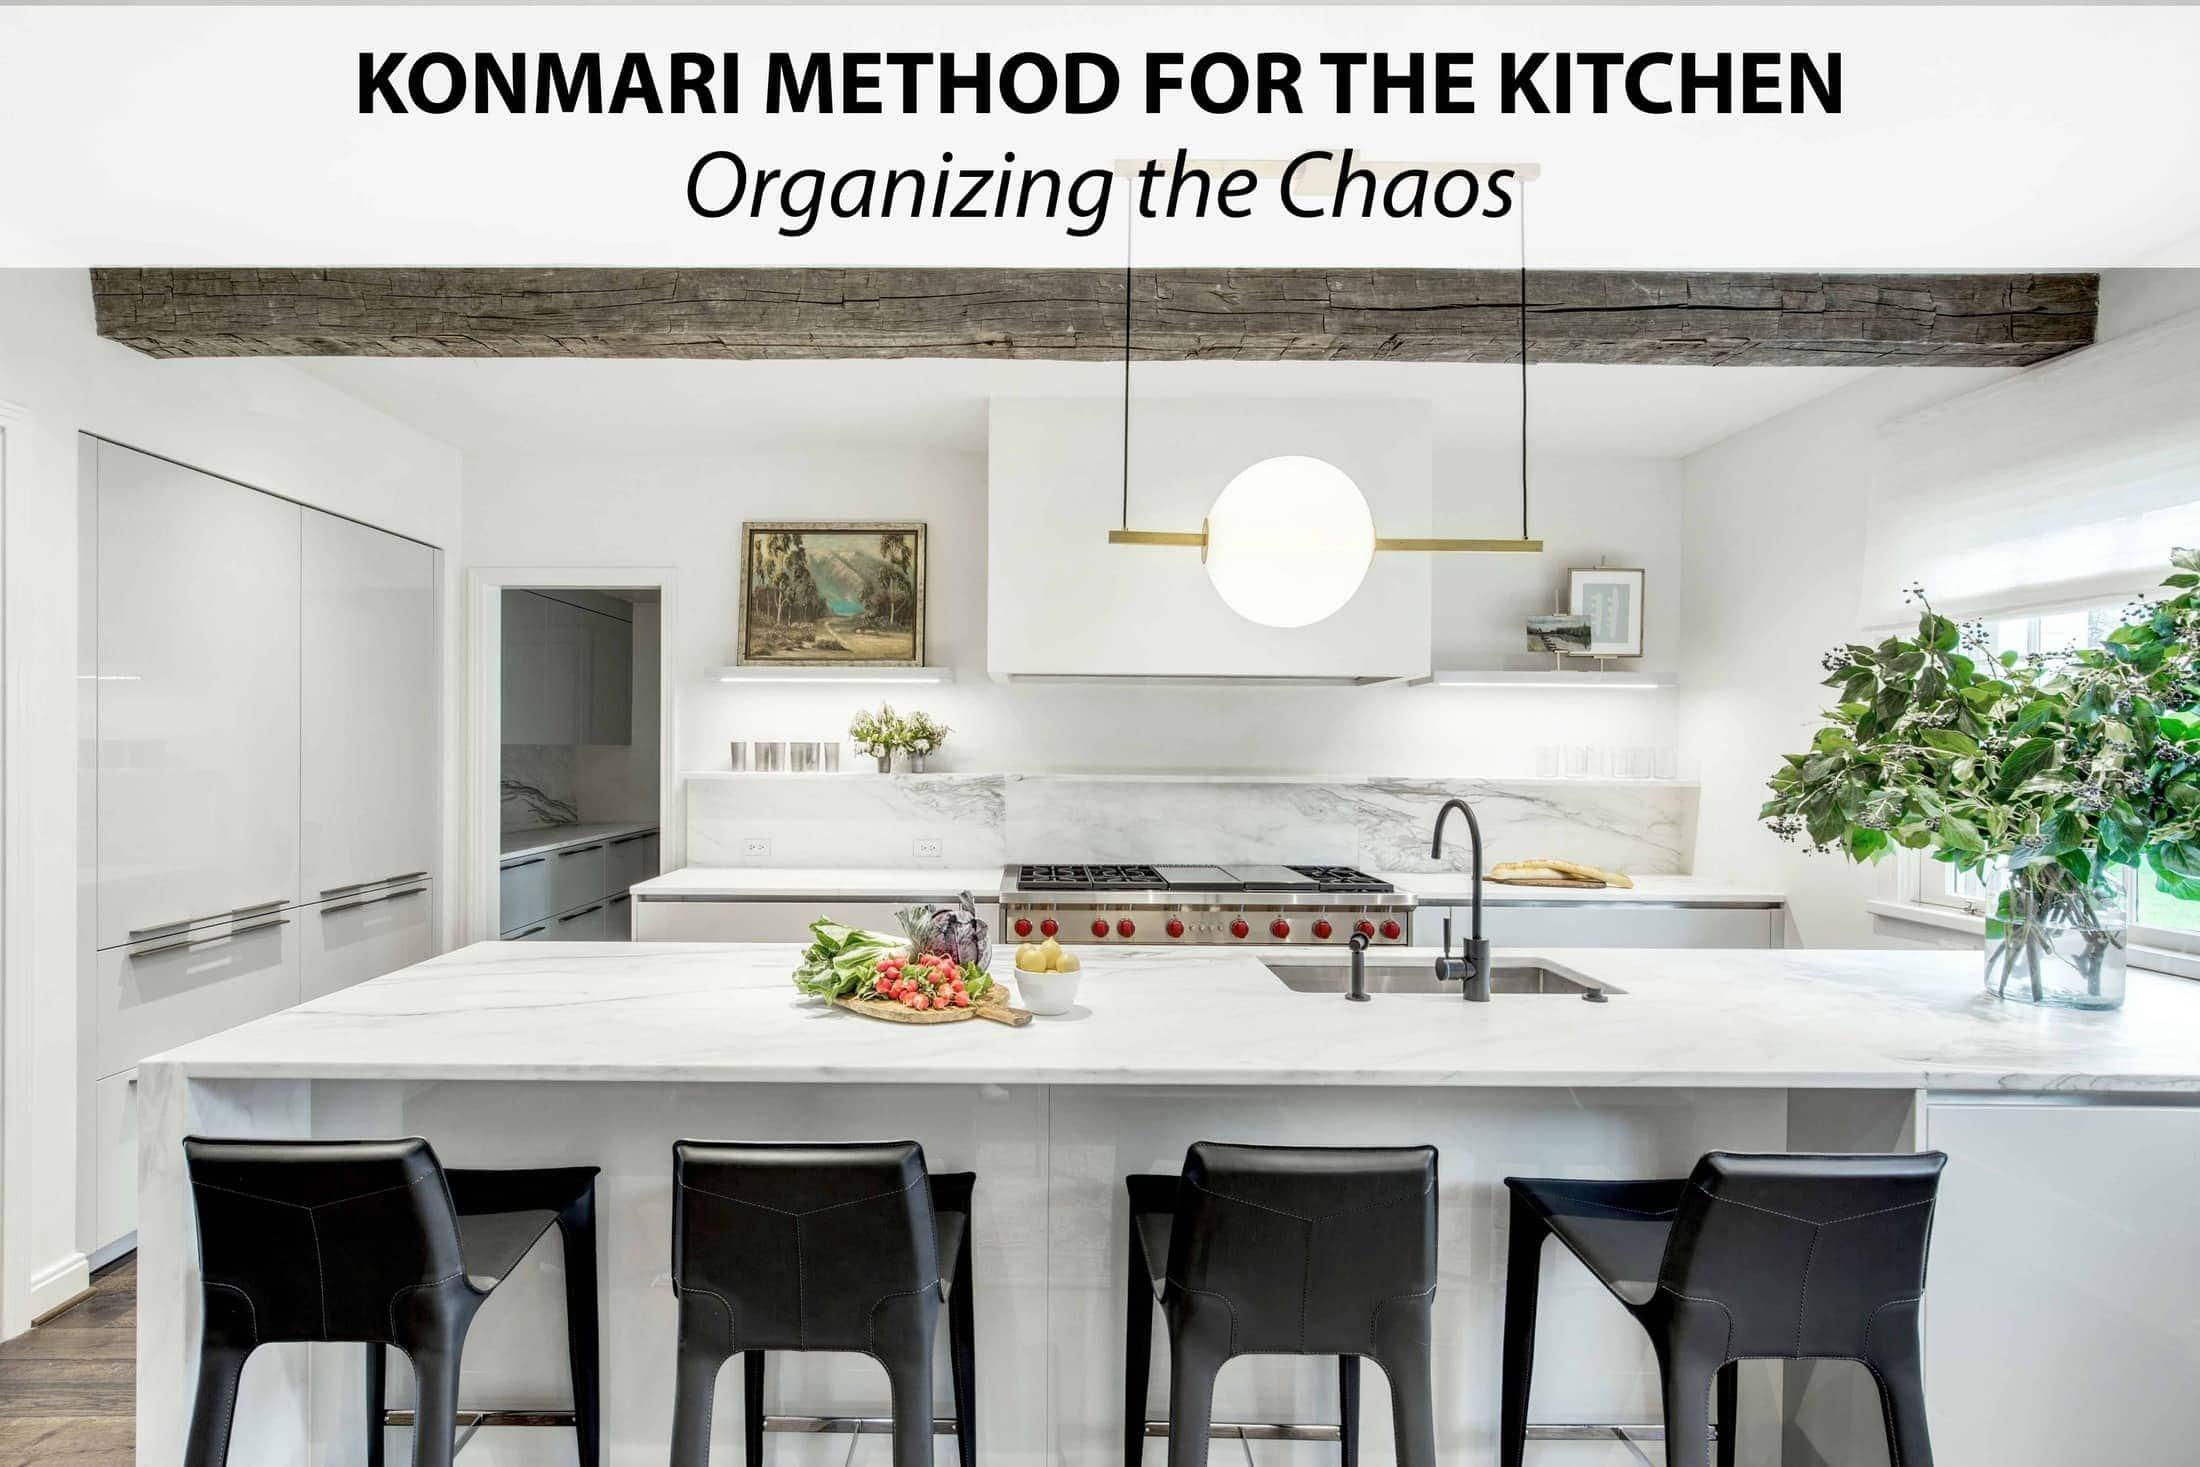 konmari kitchen organizing method